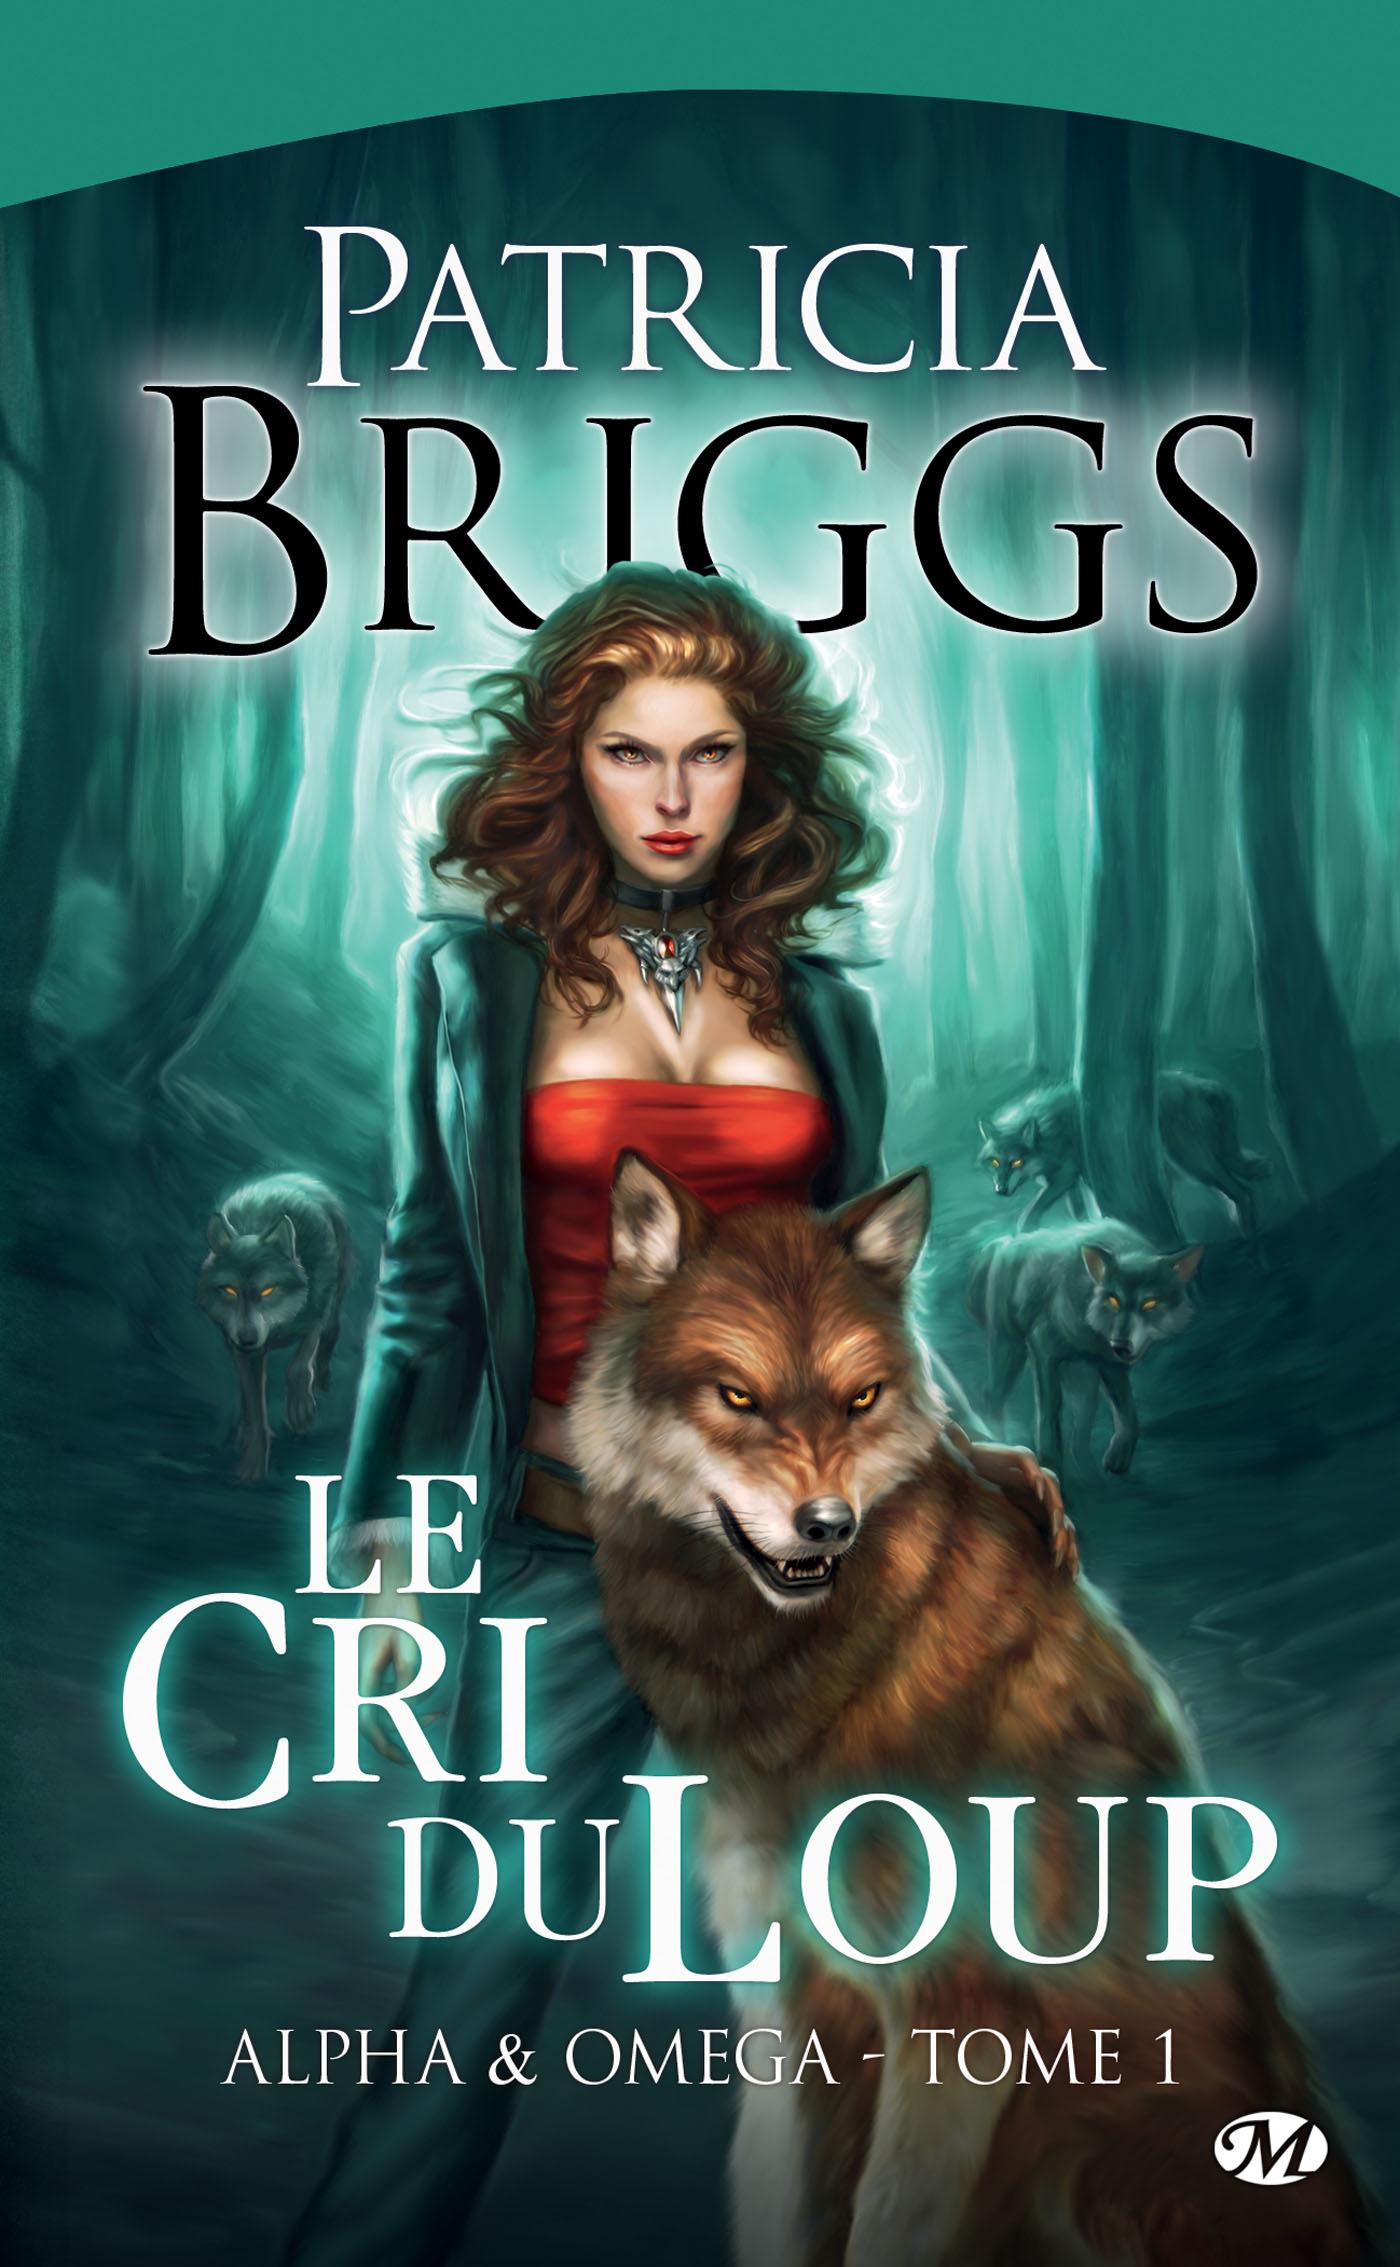 Le Cri du loup, ALPHA & OMEGA, T1